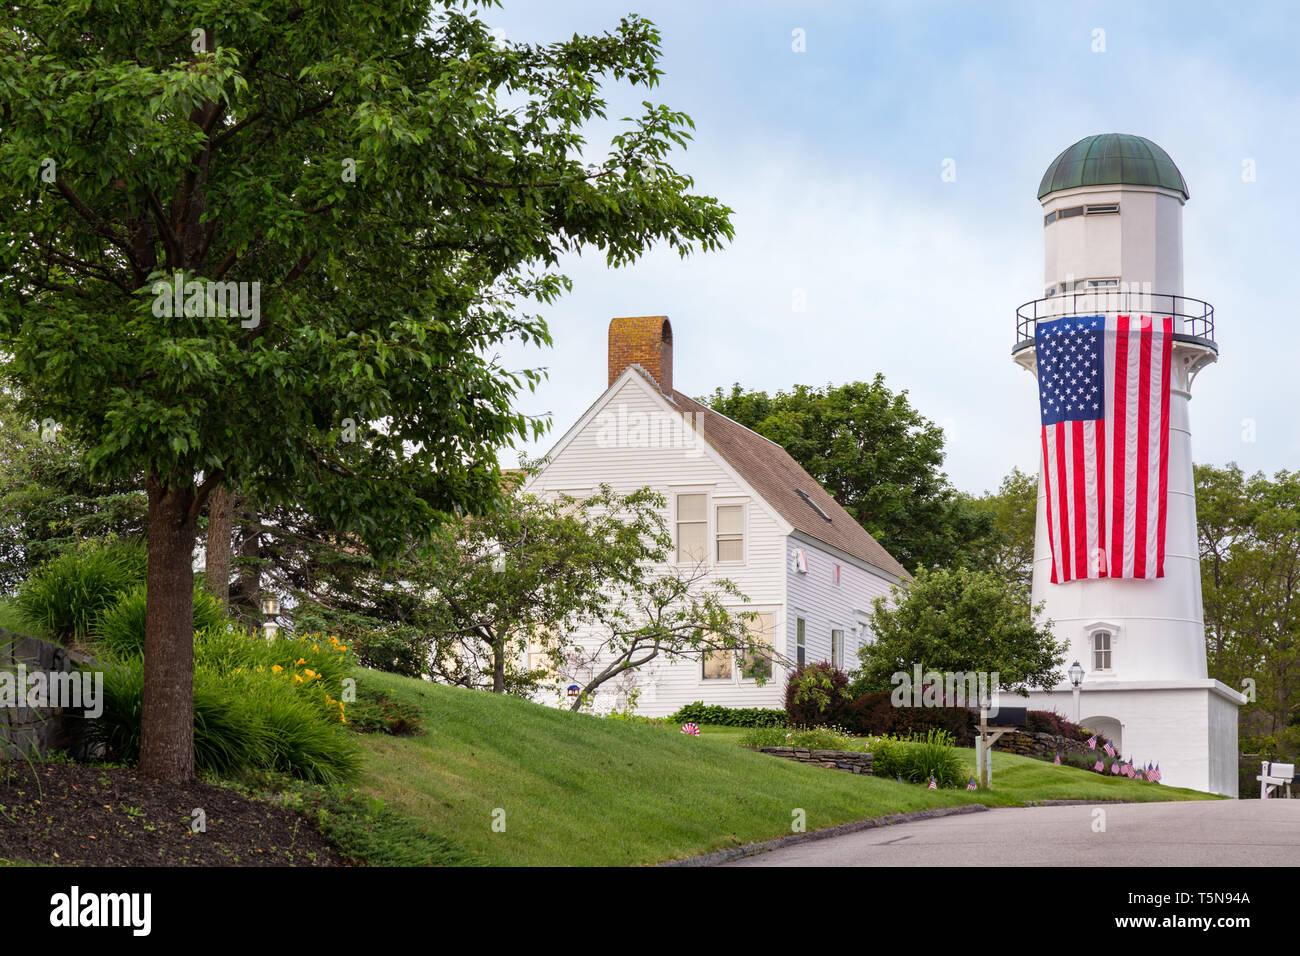 Cape Elizabeth West Lighthouse, Cape Elizabeth, Maine - Stock Image